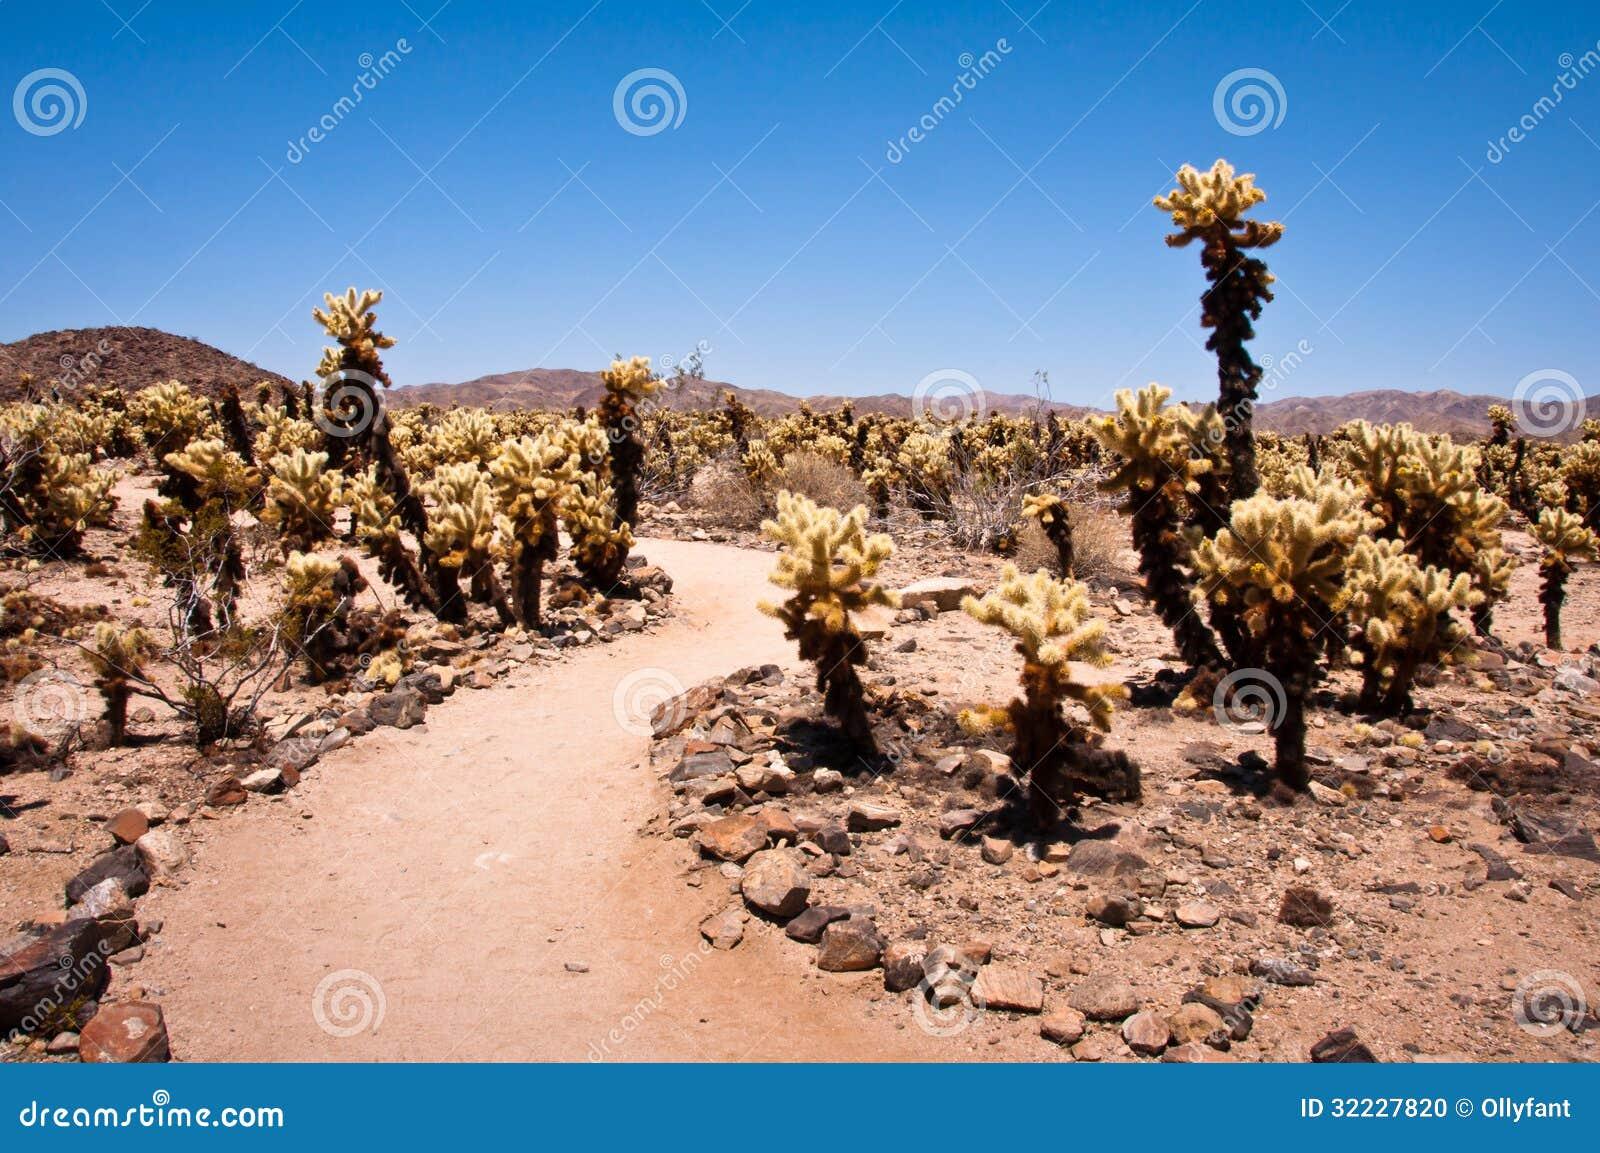 Cholla Cactus Garden Stock Photo Image 32227820